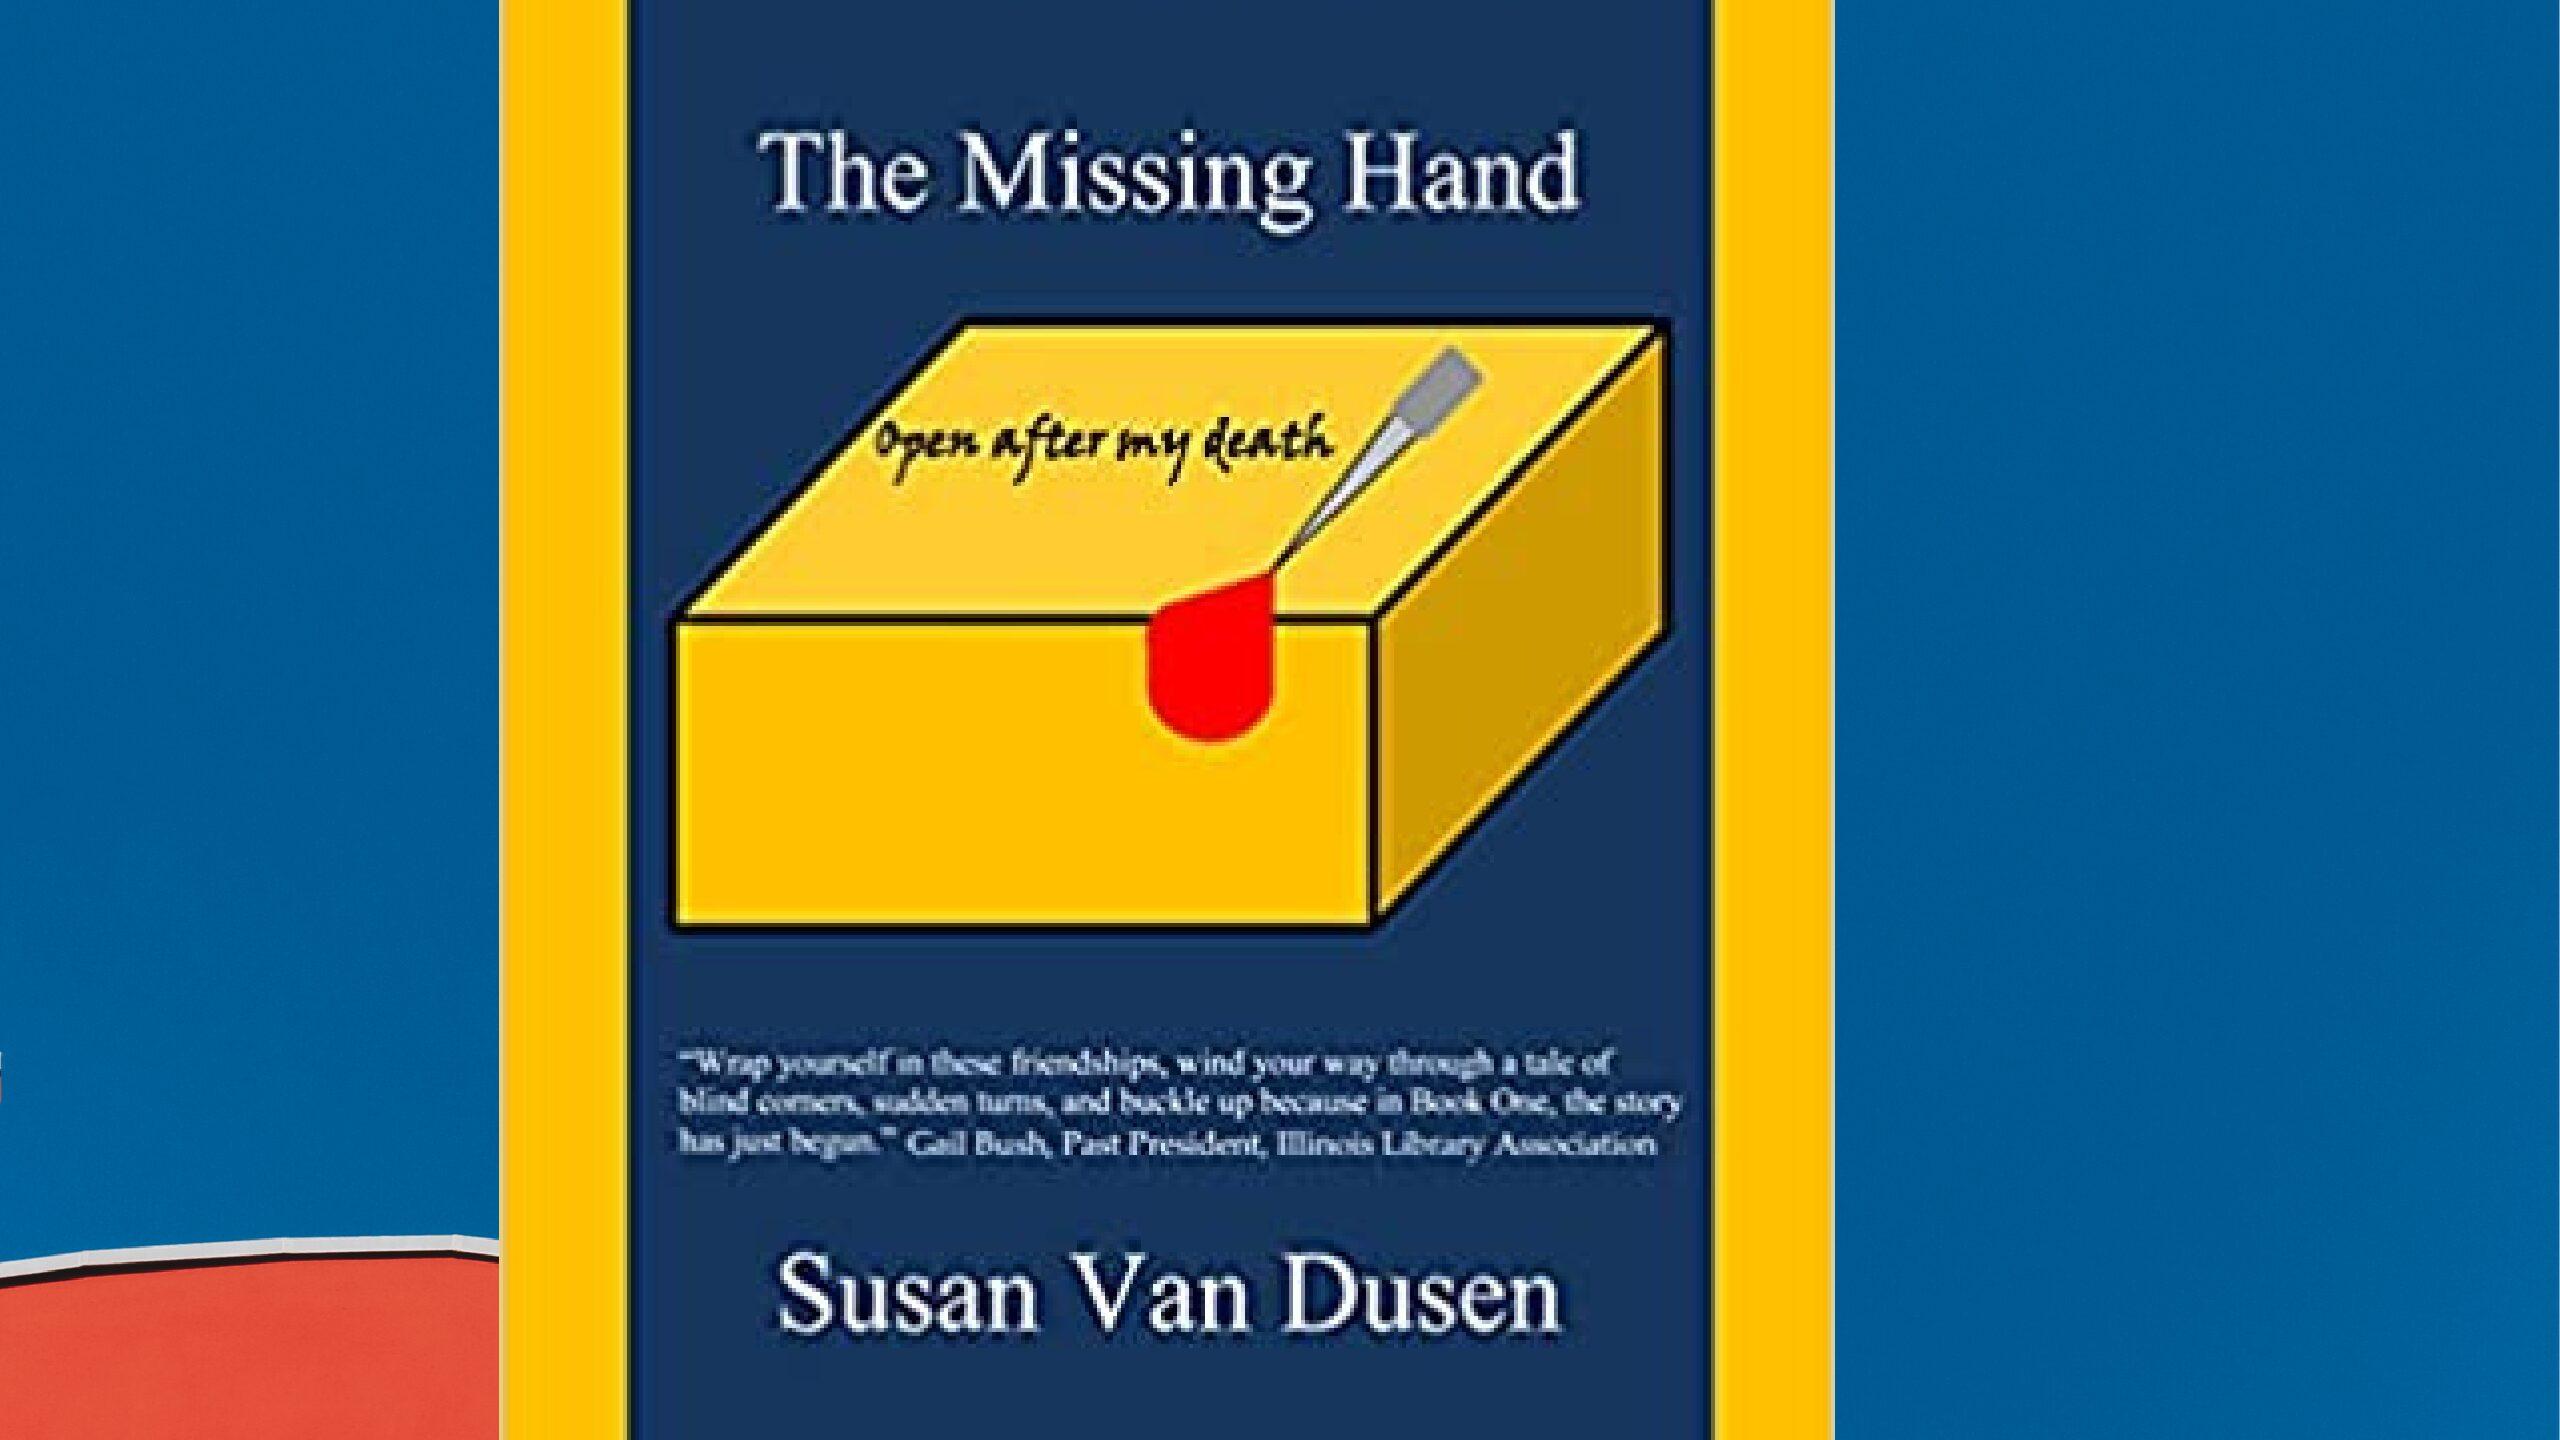 The Missing Hand by Susan Van Dusen